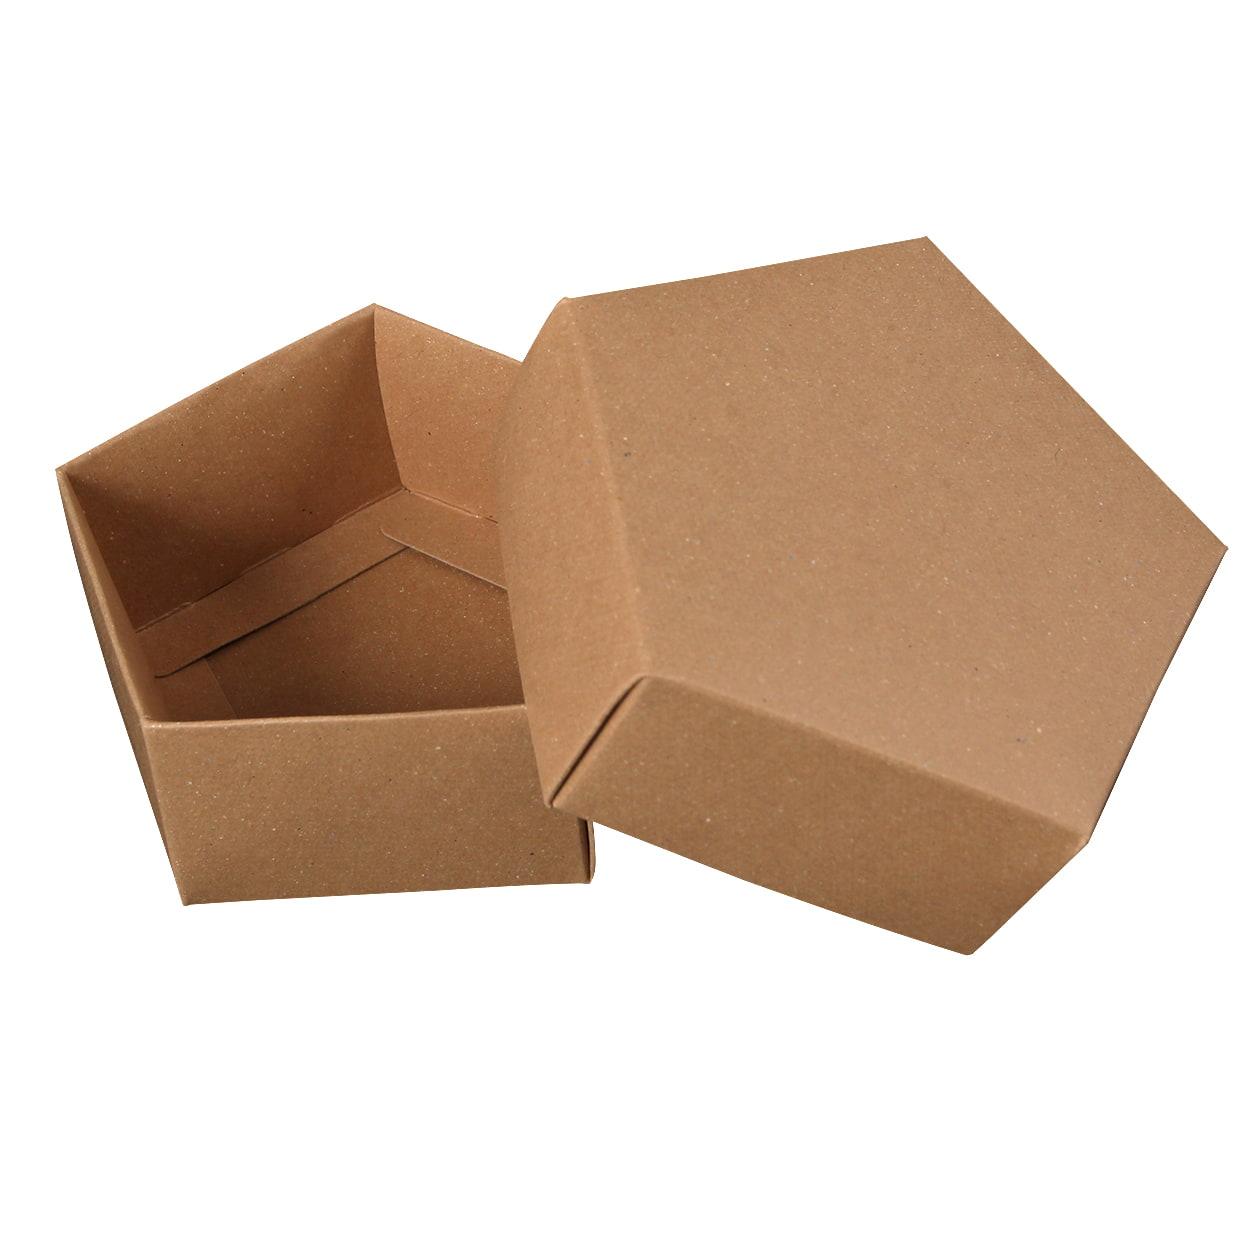 組箱 五角形97×92×38 ボード紙 ブラウン 270g